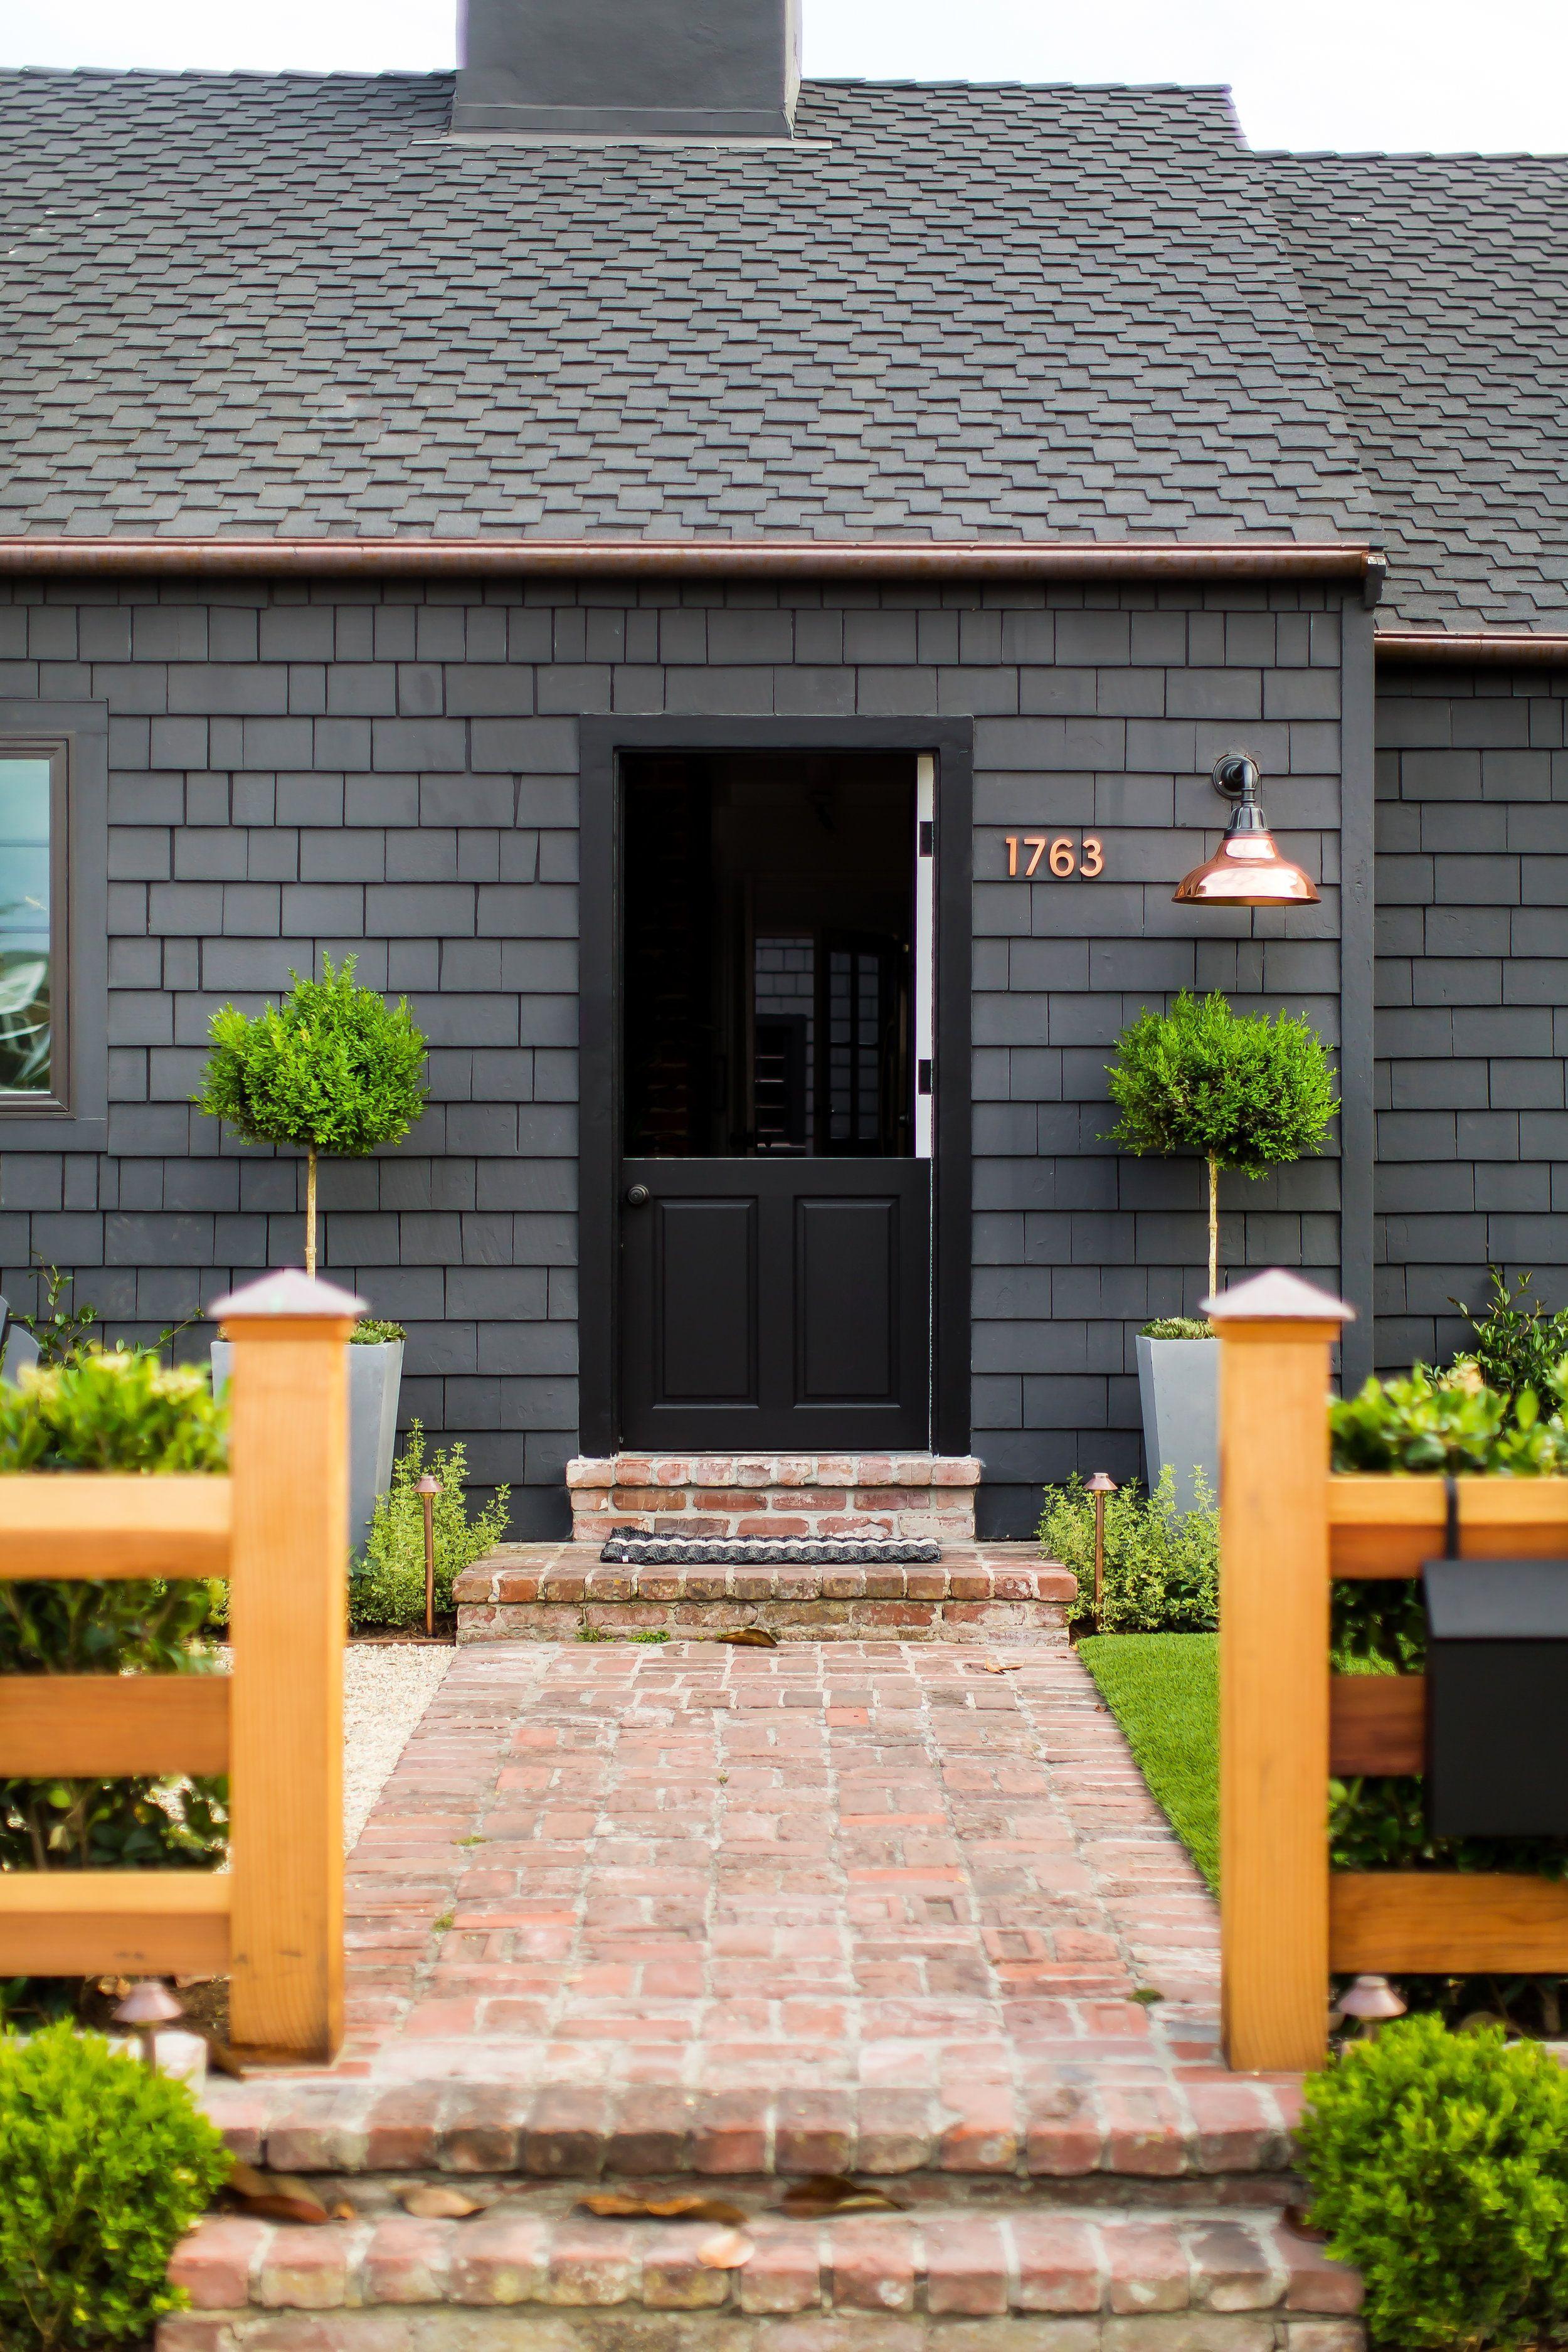 Black Shake Siding Raili Ca Design Architecture Architectureportfolio Architecturedrawing Arc Black House Exterior Exterior Brick House Paint Exterior